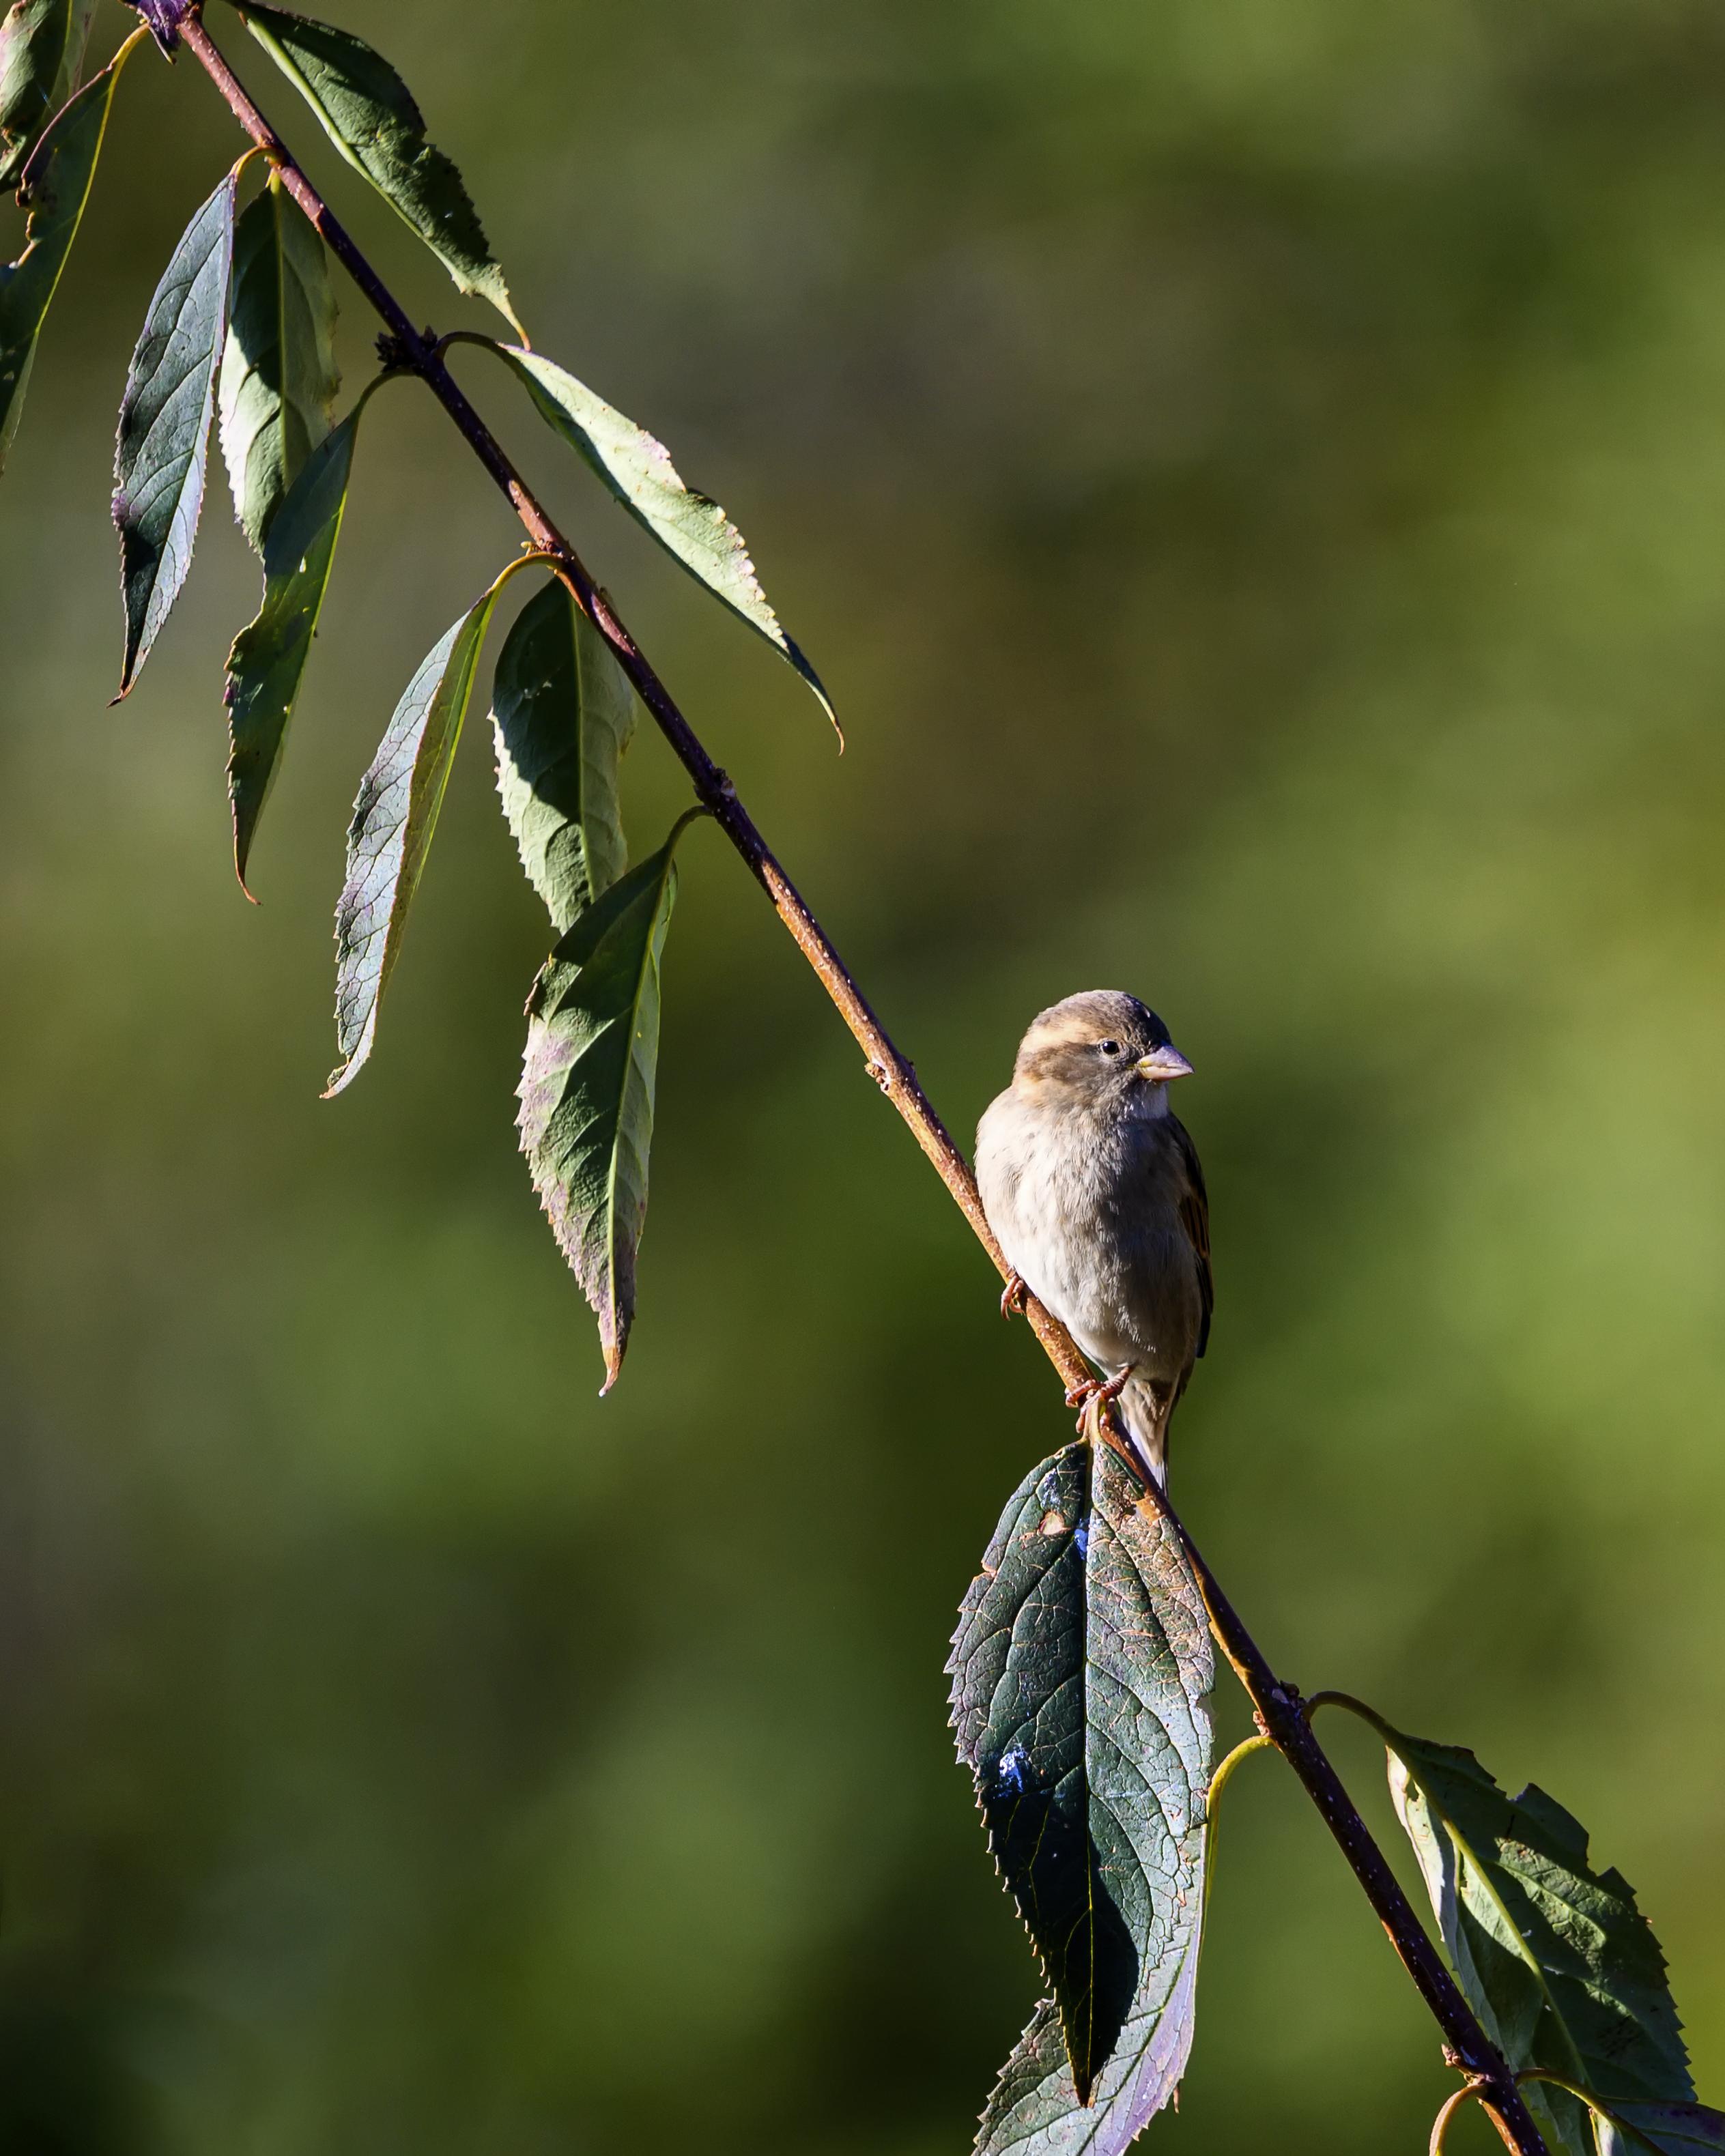 Selected-focus Photography of Short-beak Brown Bird in Tree Branch